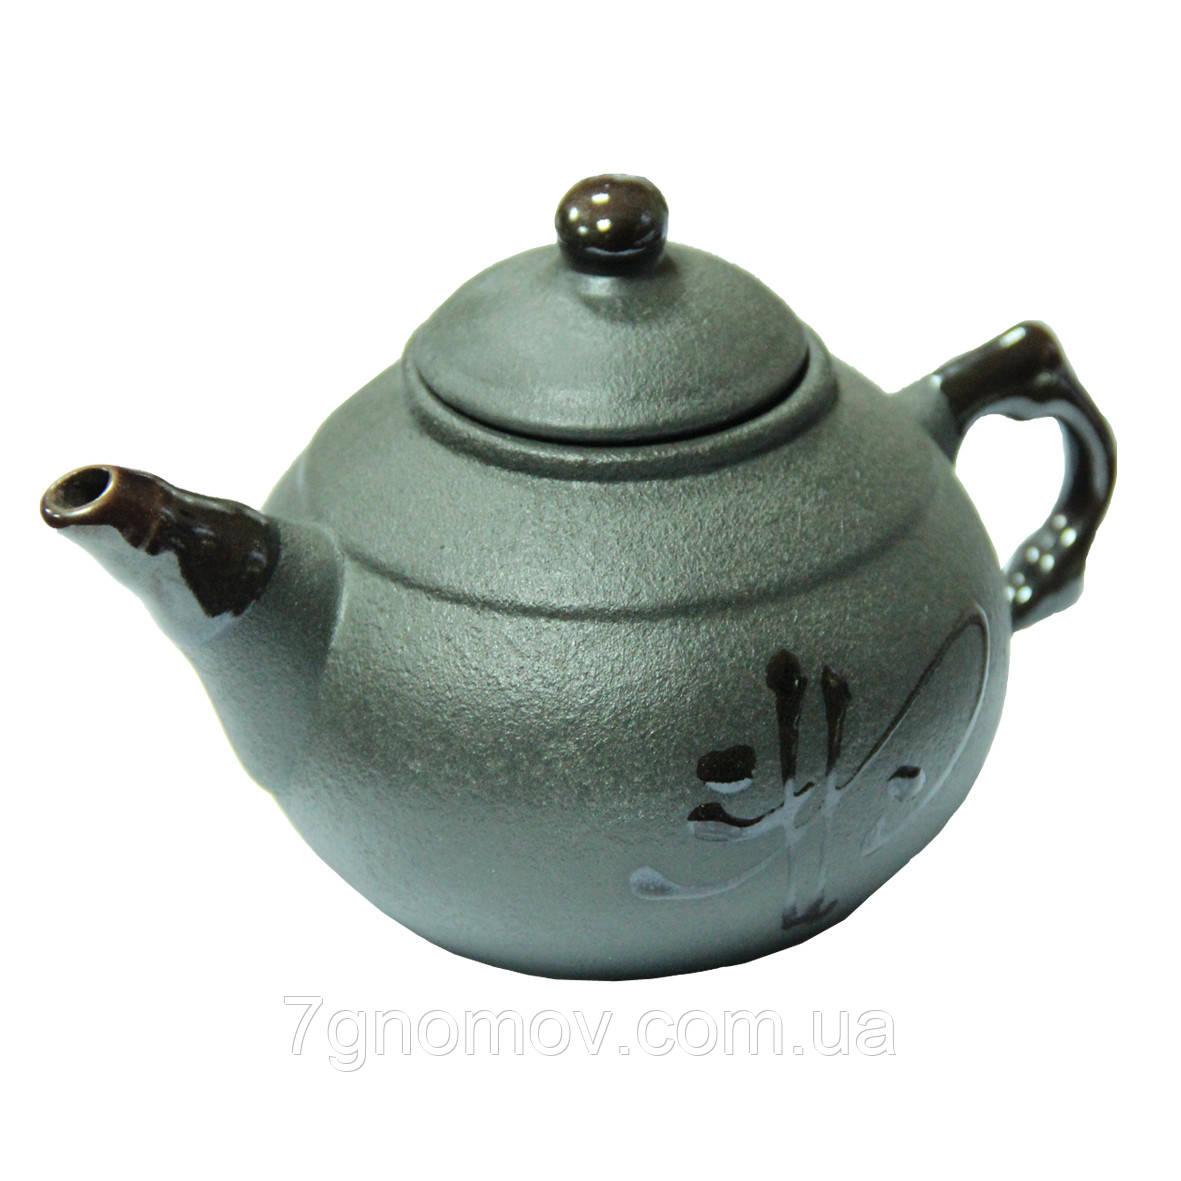 Чайник керамический Малый 750 мл